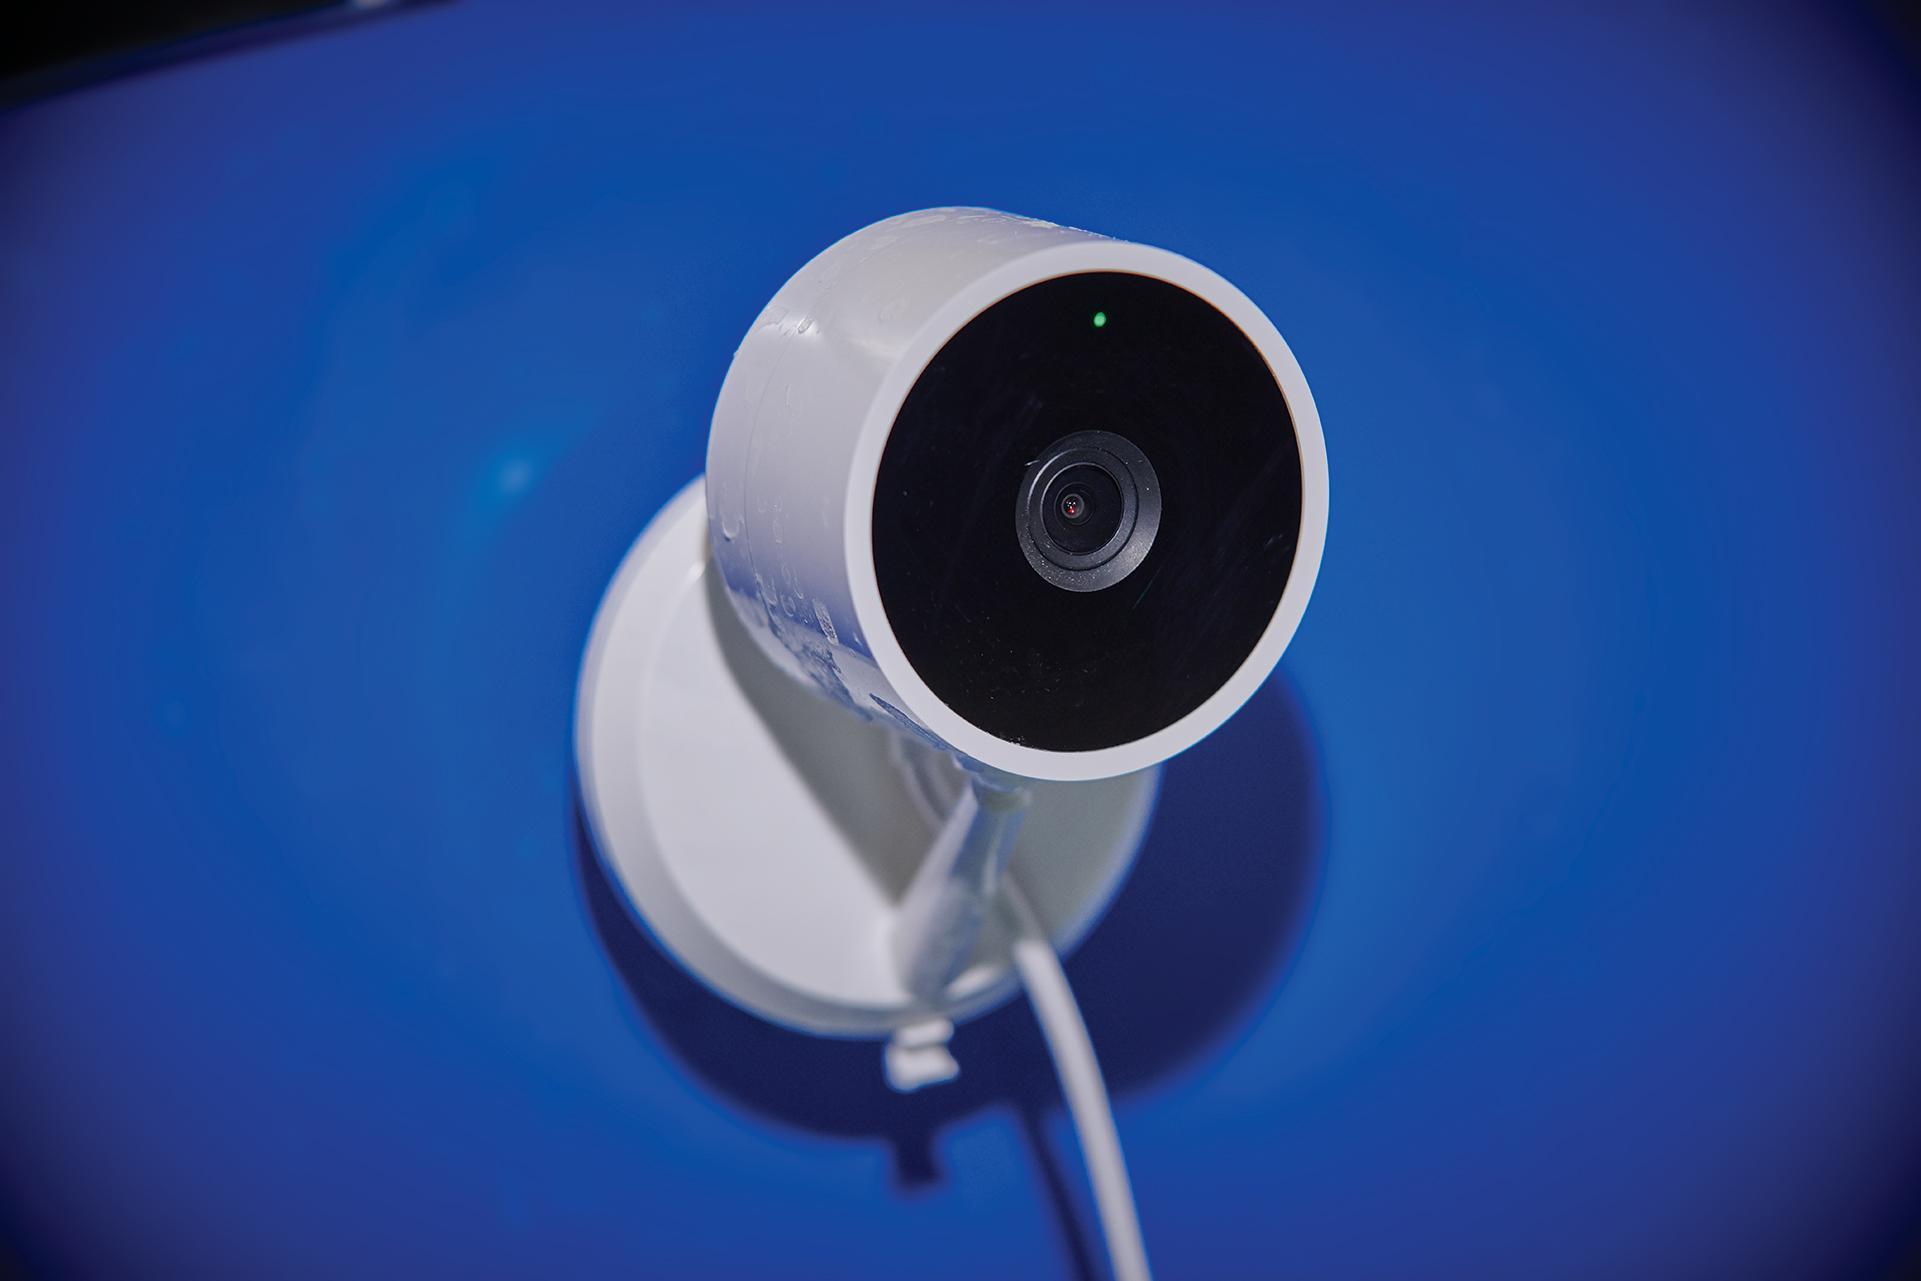 monitoring aquarium video camera